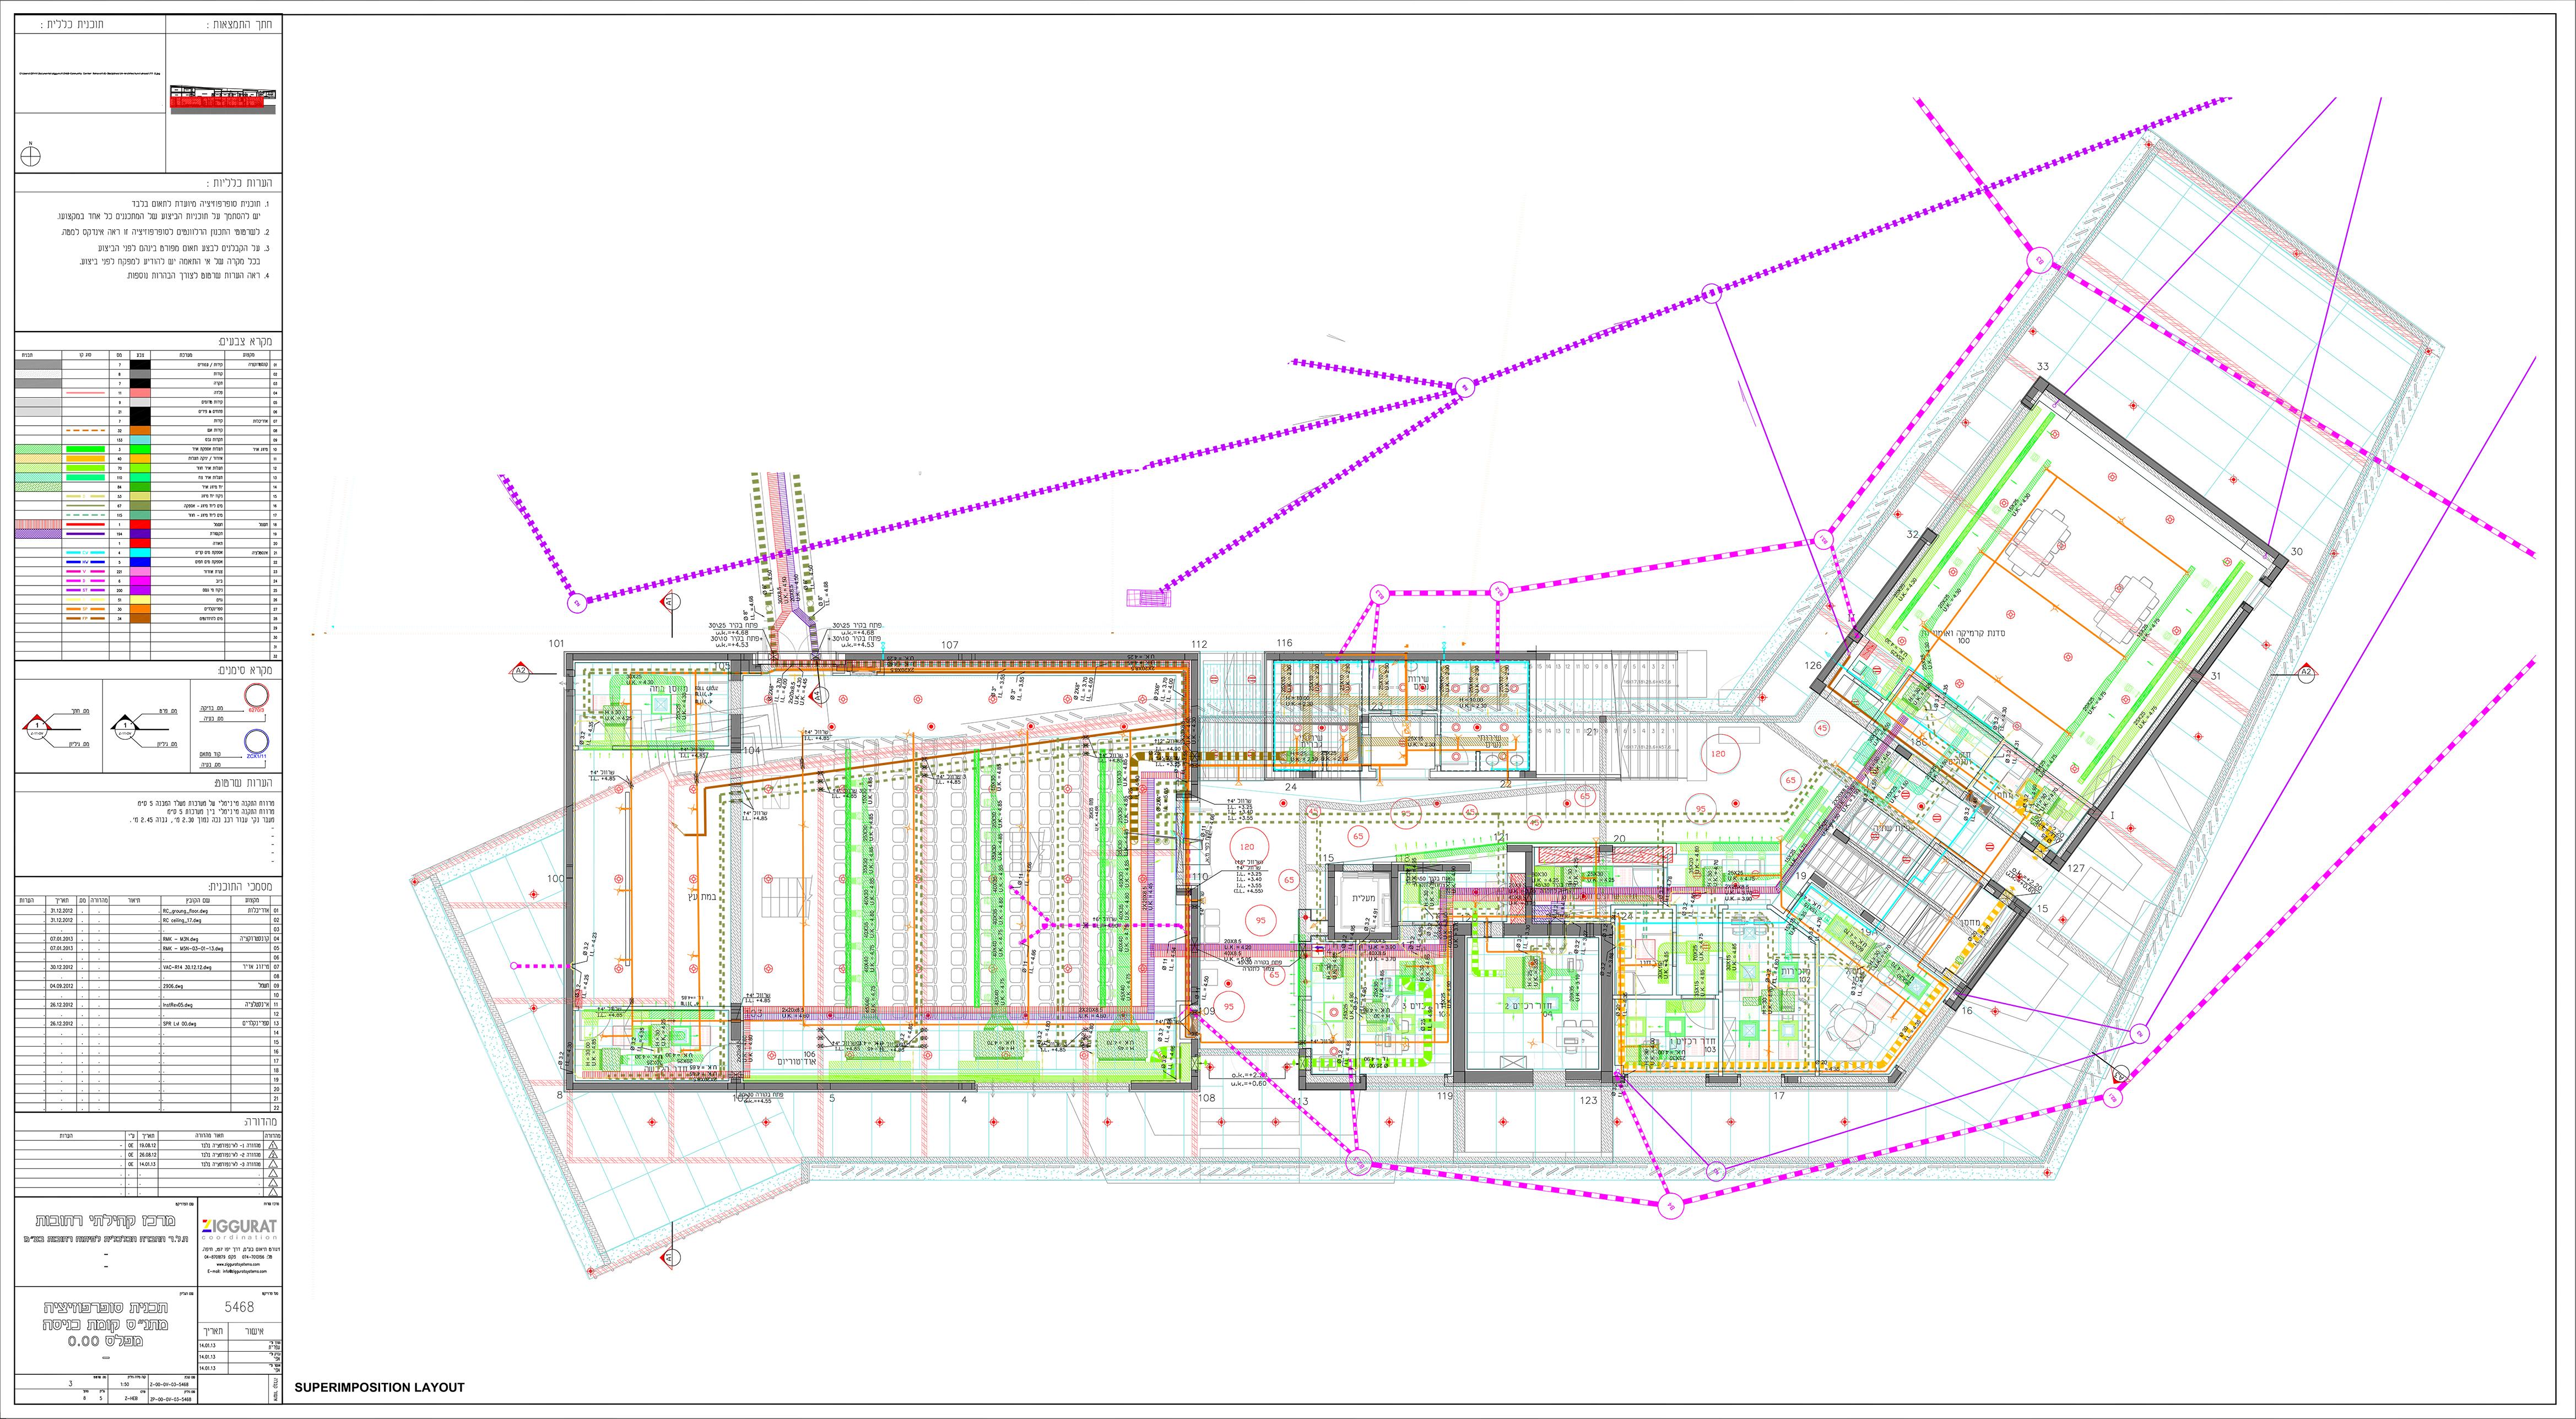 מרכז קהילתי רחובות תכנית סופרפוזיציה